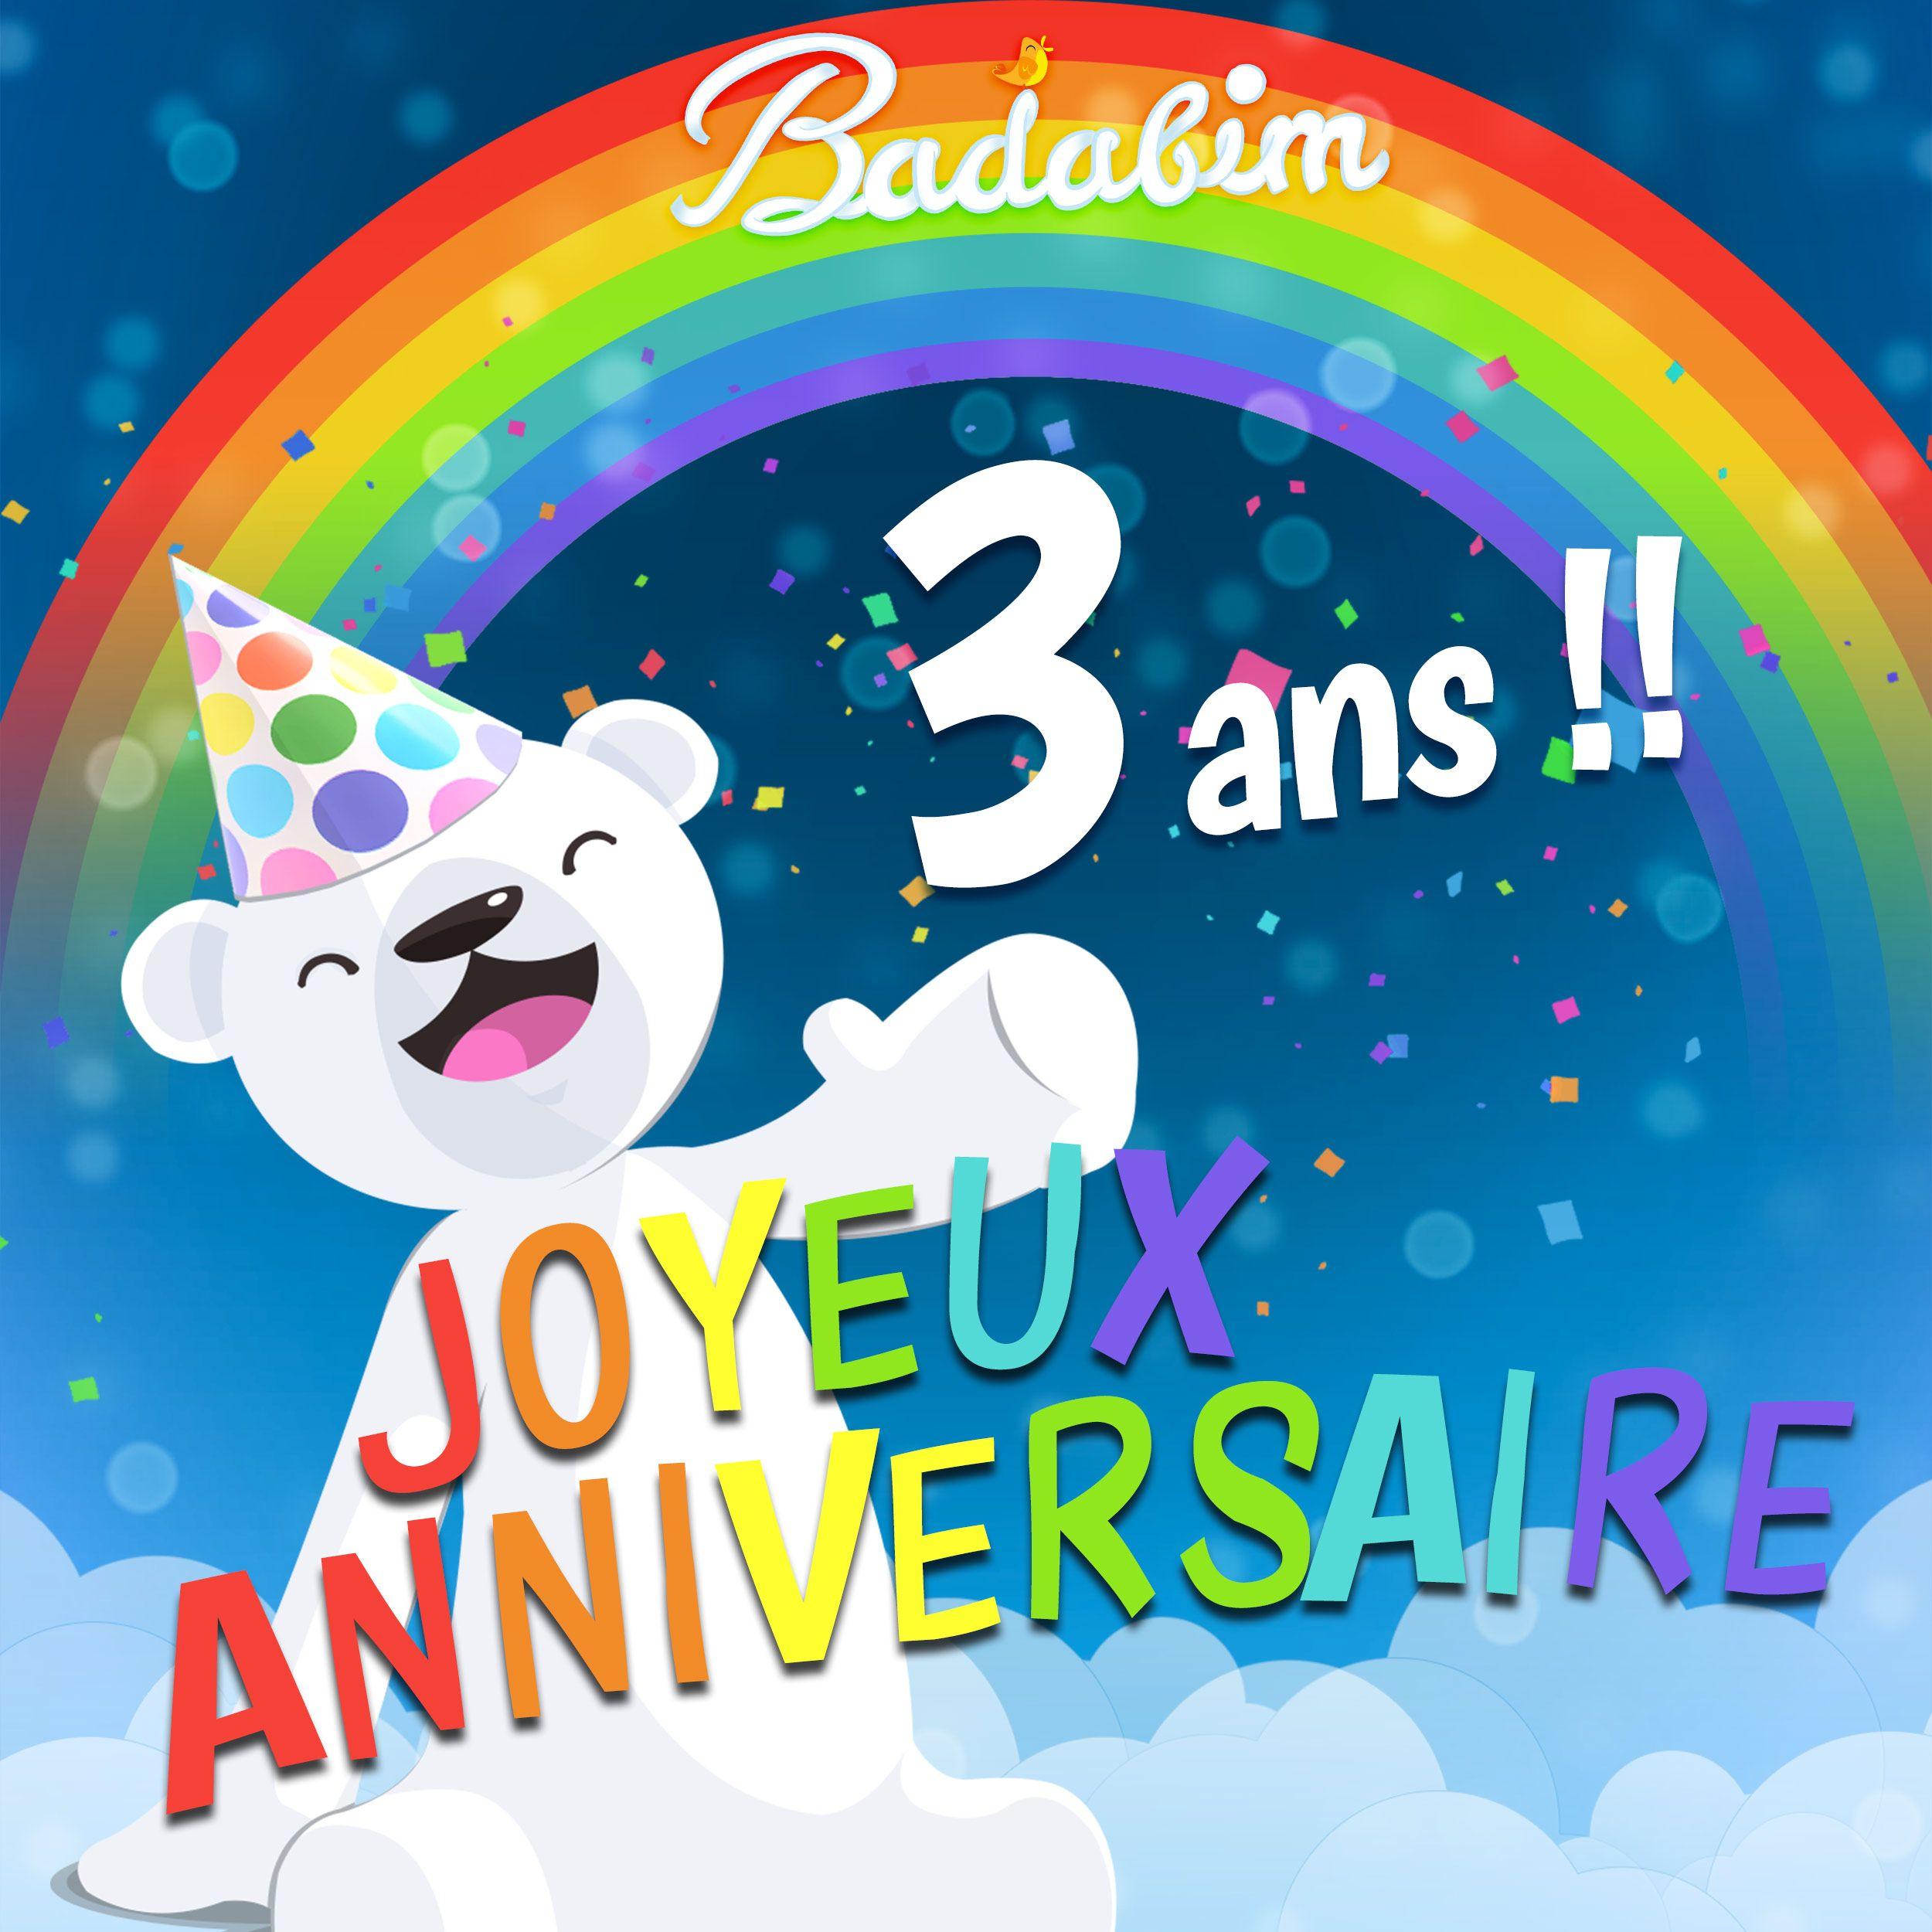 Joyeux Anniversaire A Badabim Qui Fete Aujourdhui Ses Trois Ans